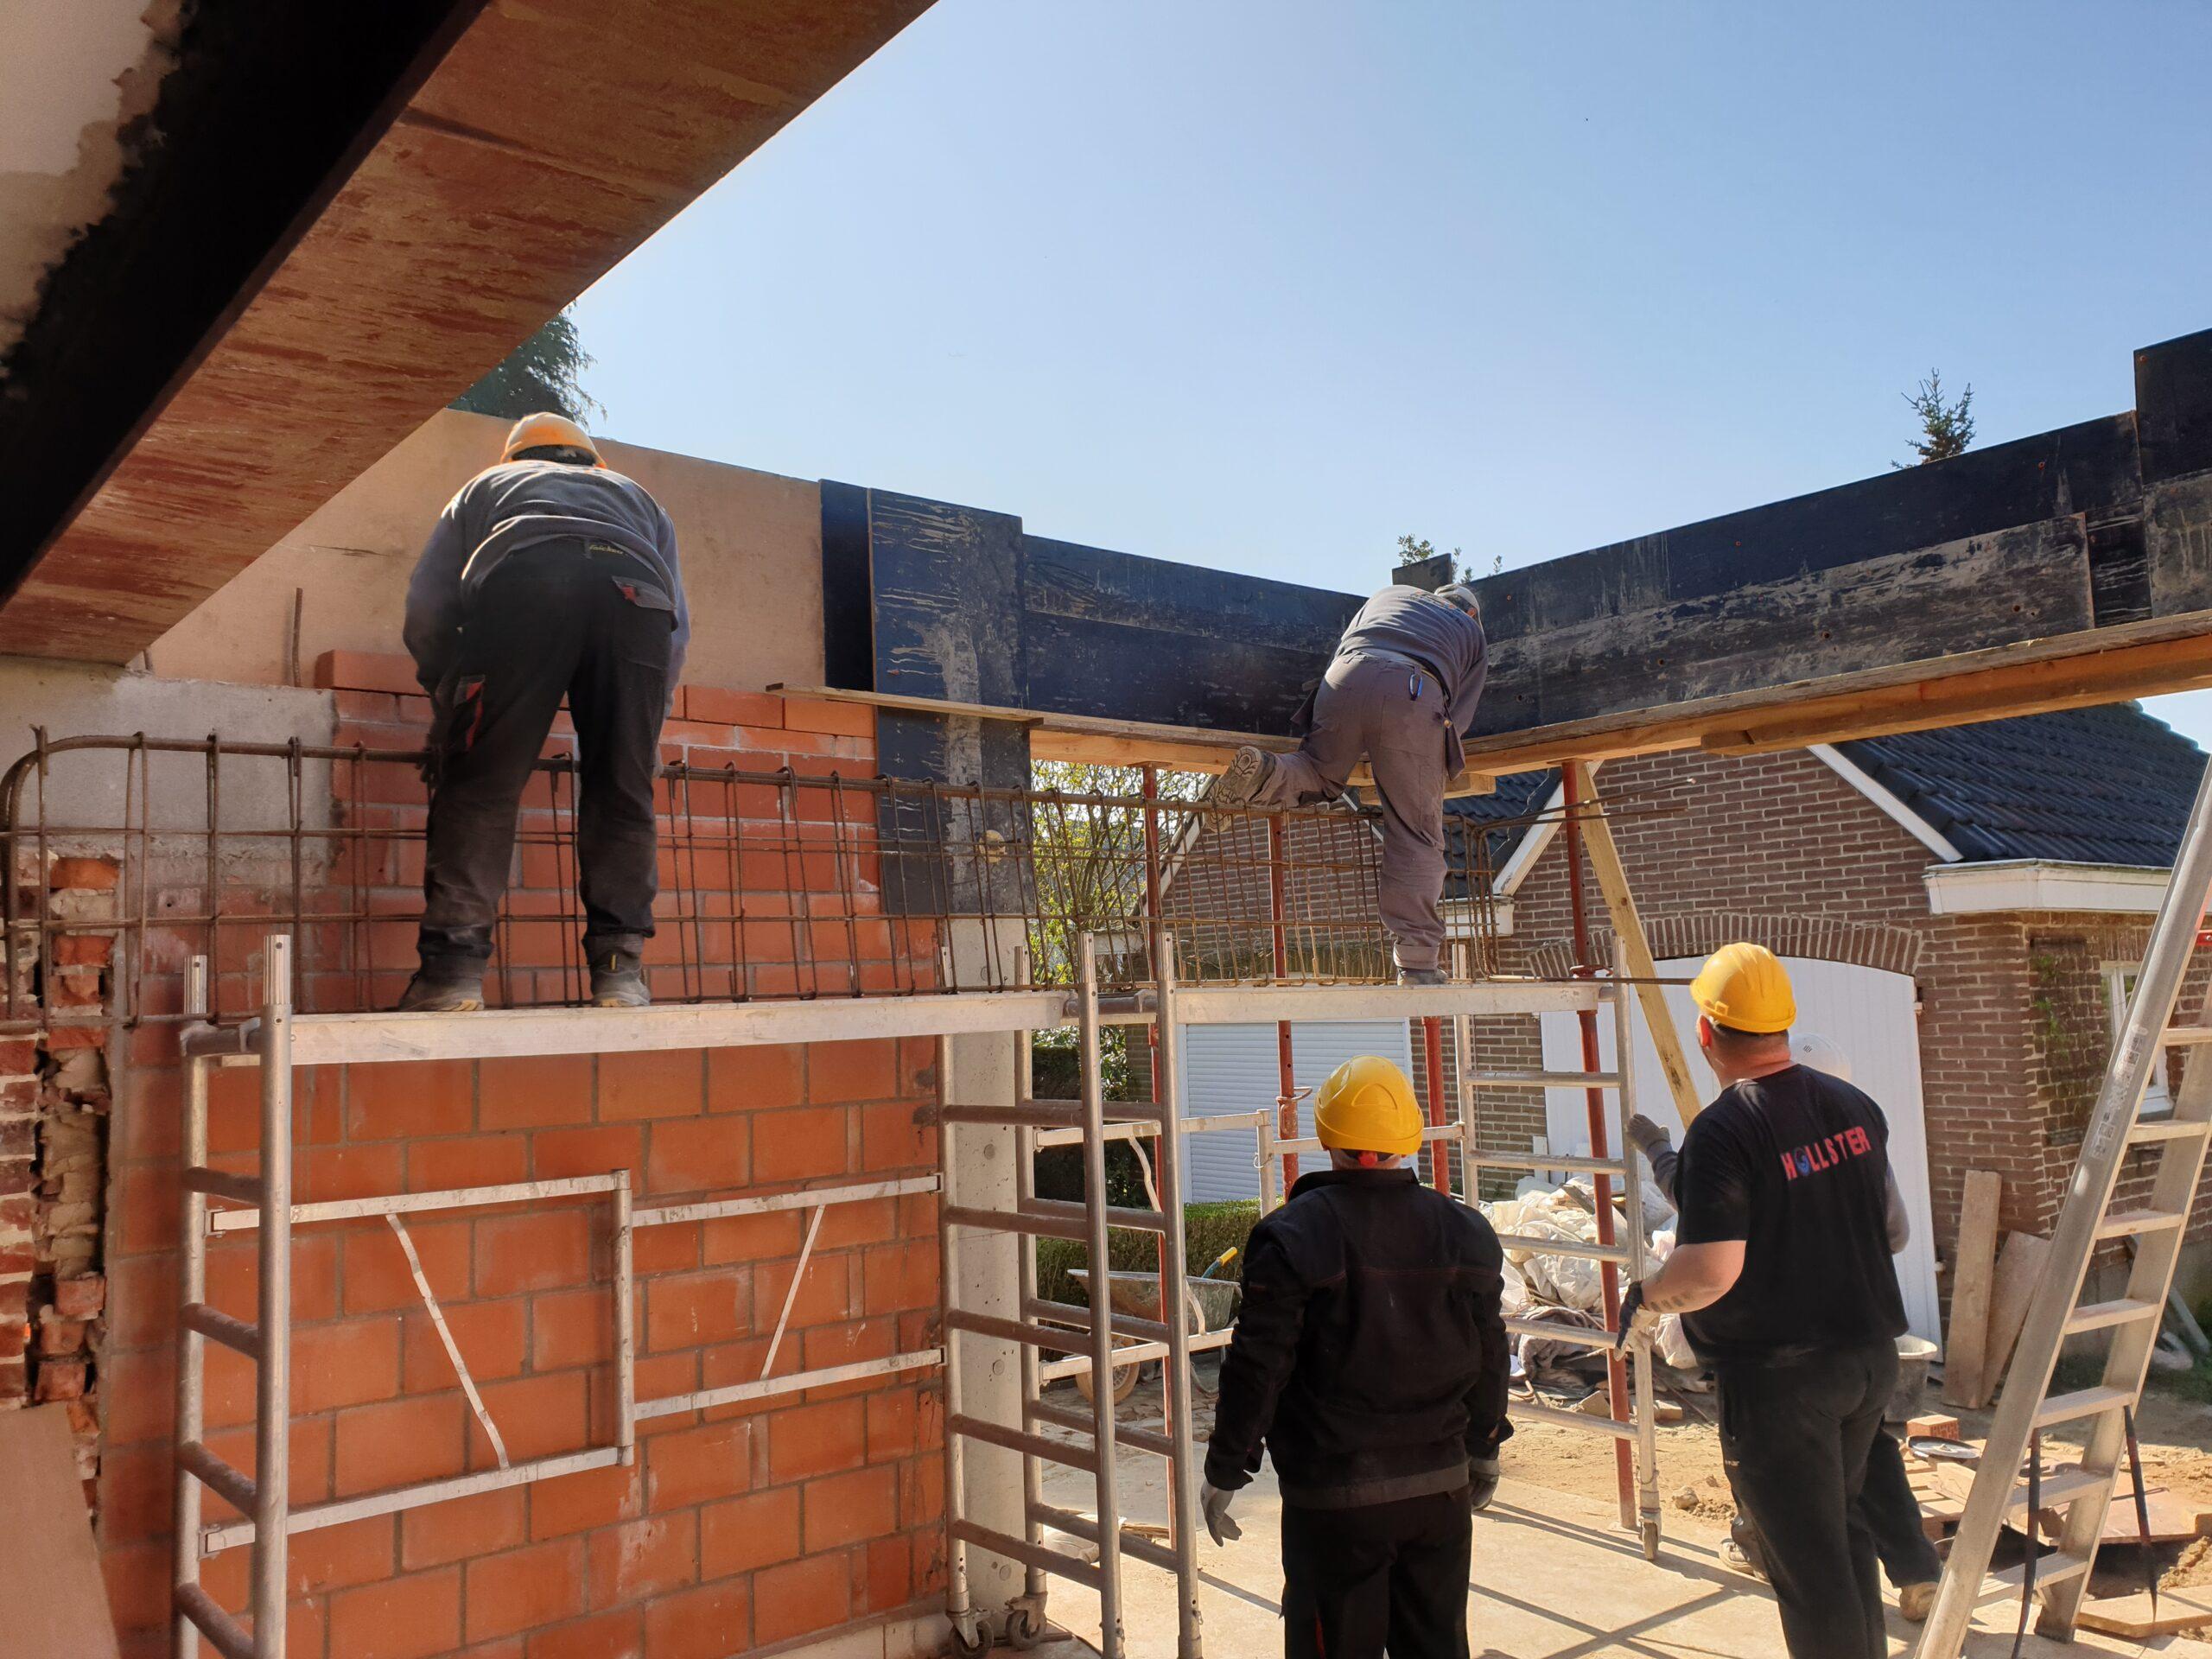 Aanbouw, uitbouw, verbouwing, renovatiewerken - Aannemer verbouwingen en renovaties - Entrepreneur transformations et rénovations